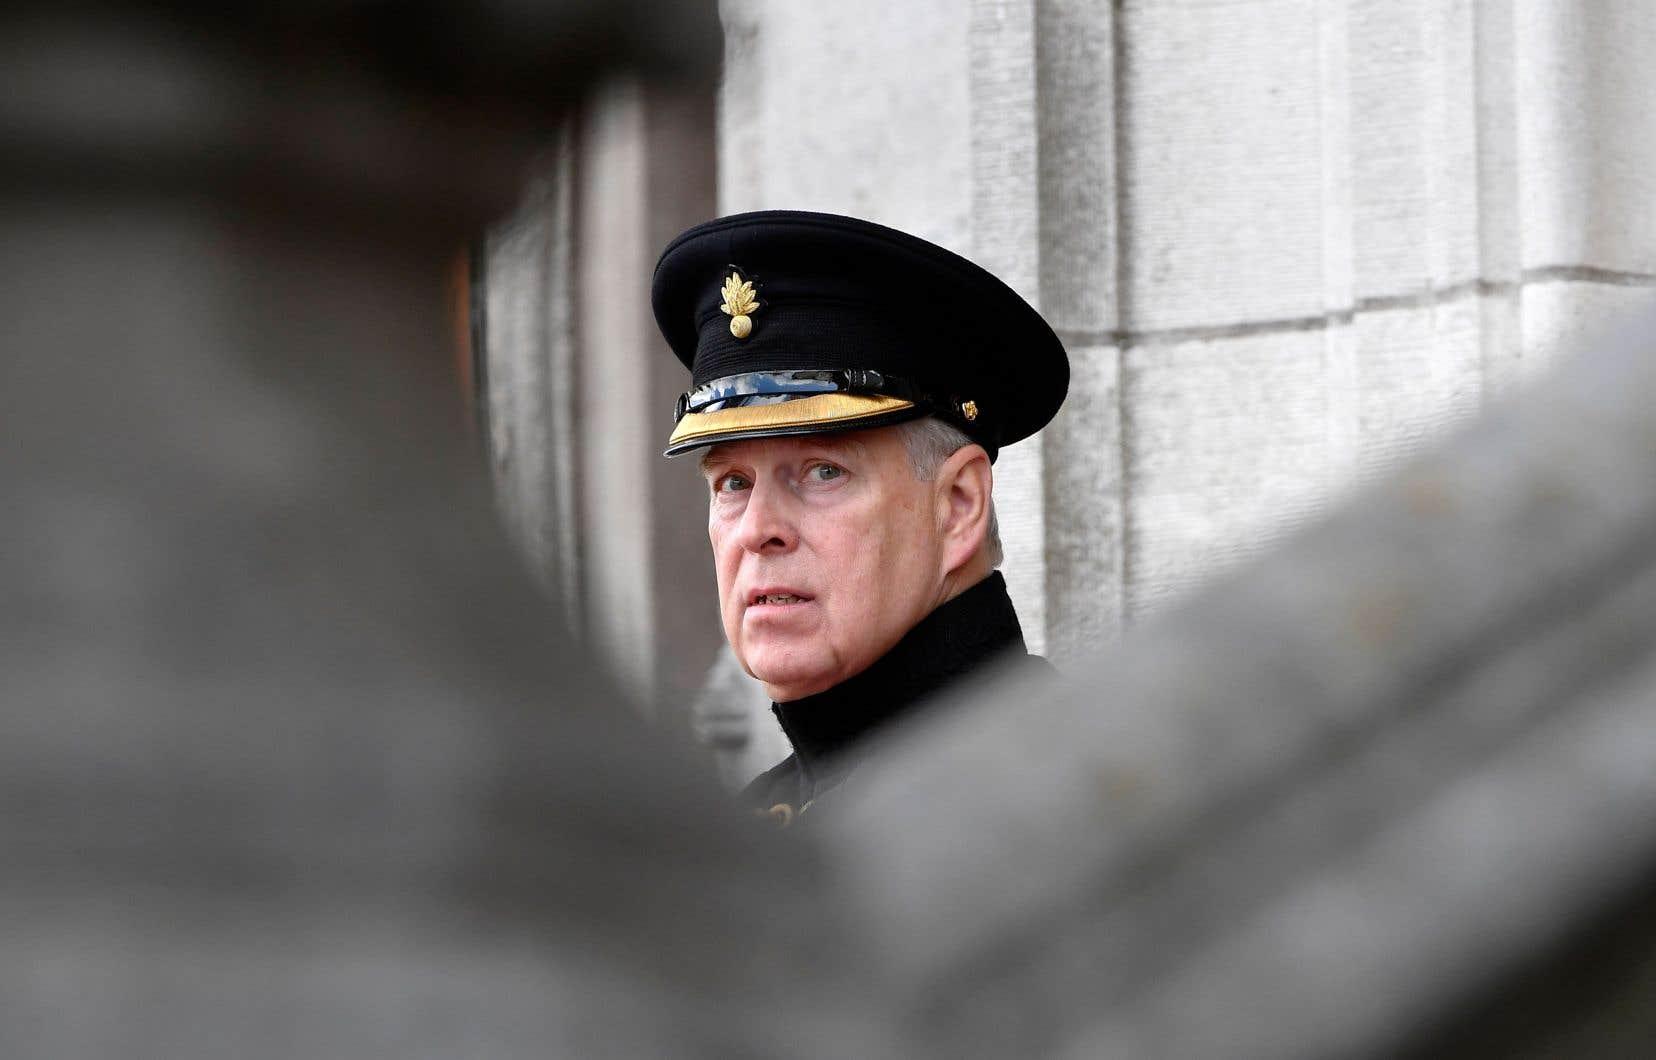 Le prince Andrew s'est vu notamment reprocher de ne pas avoir pris ses distances de Jeffrey Epstein, accusé d'avoir sexuellement exploité des jeunes filles, et de ne pas avoir exprimé d'empathie pour les victimes.